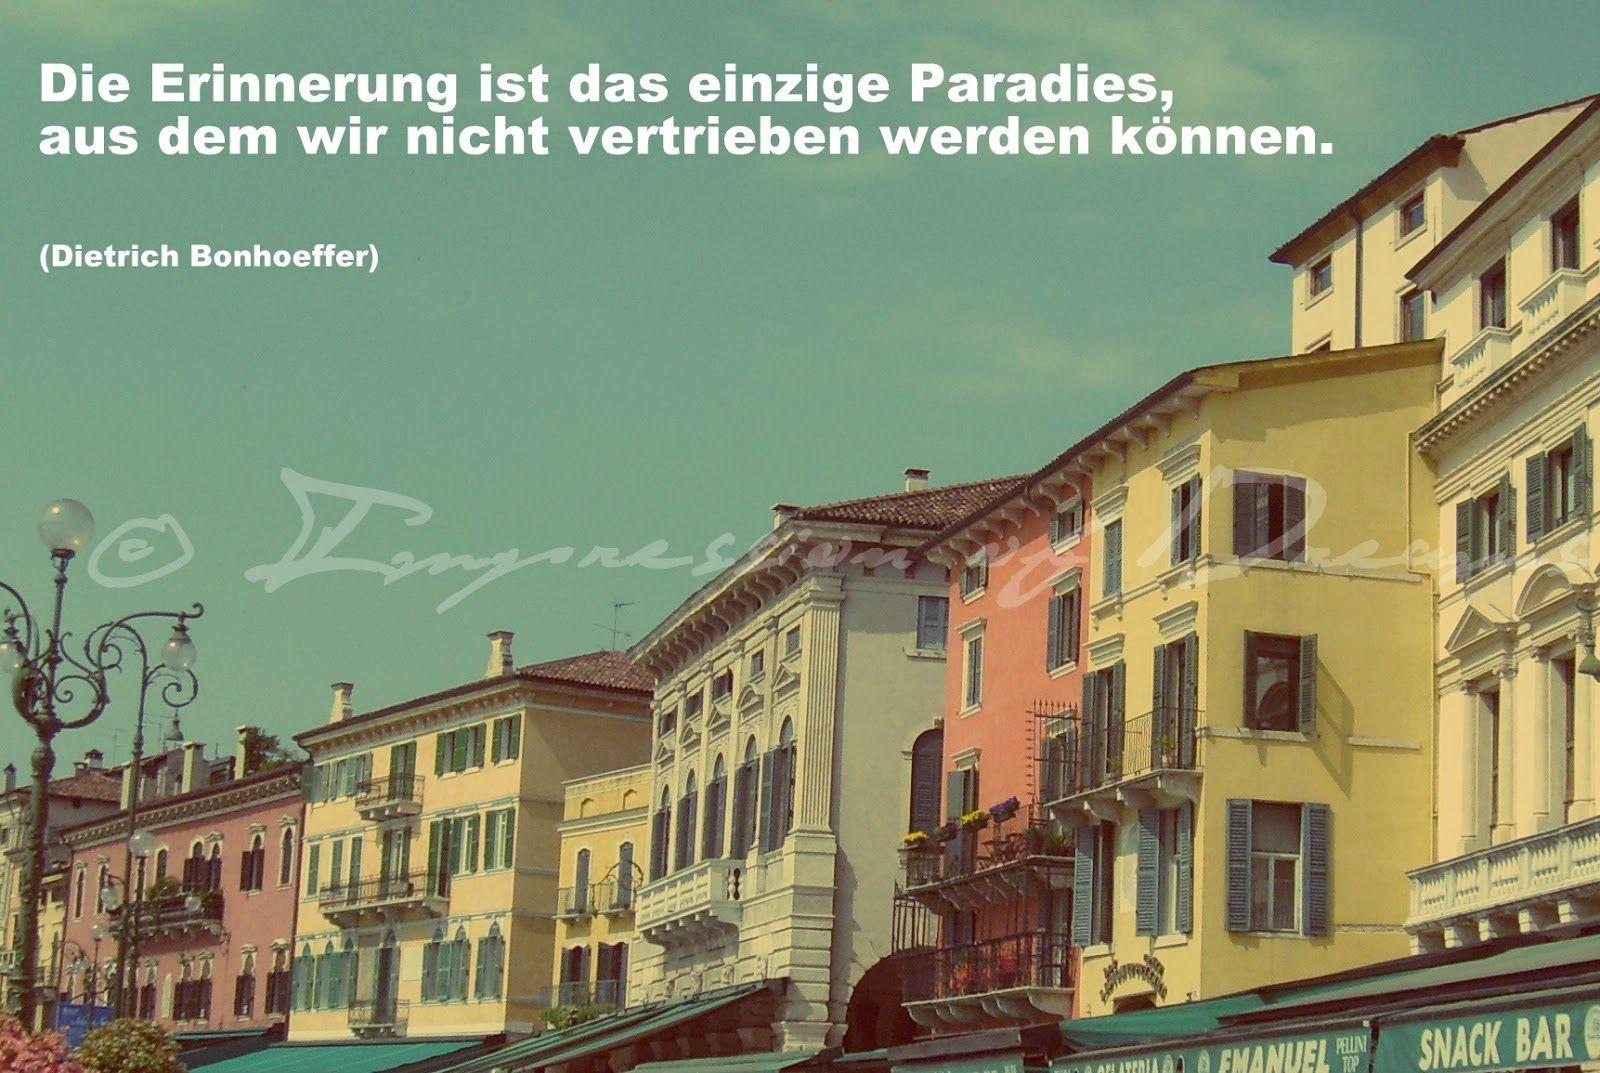 Die Erinnerung ist das einzige Paradies, aus dem wir nicht vertrieben werden können.